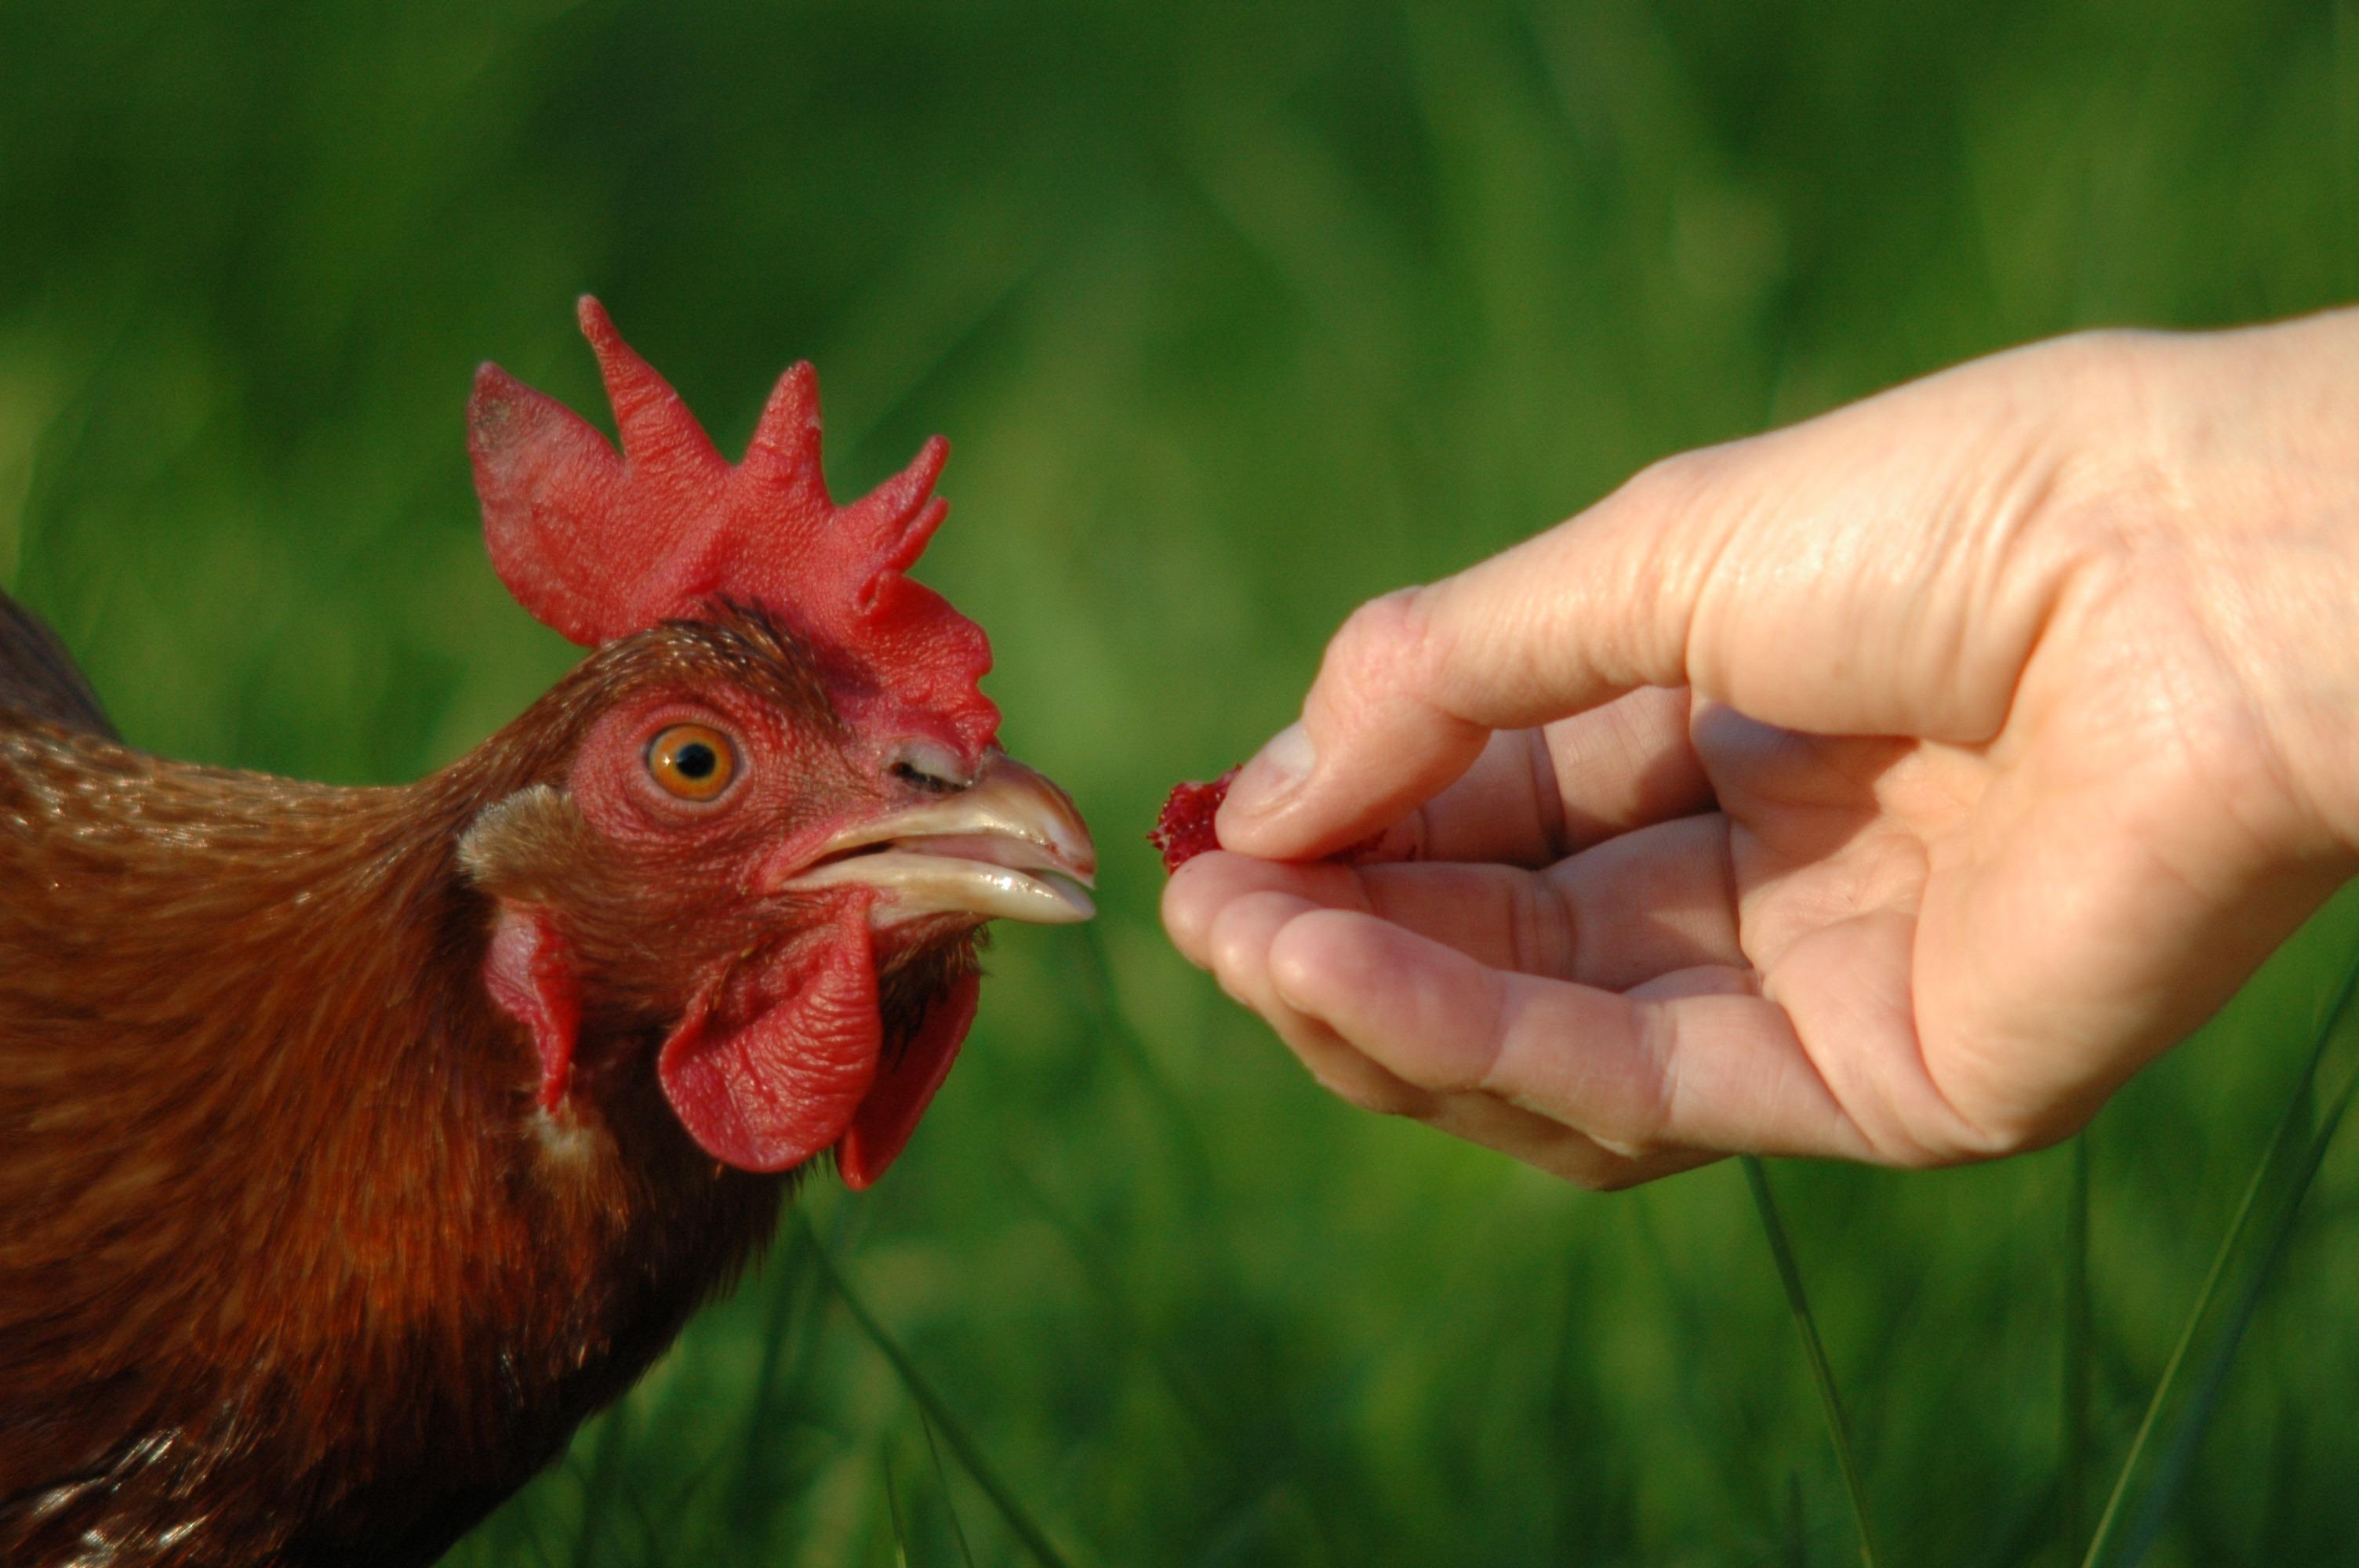 Bildet viser en hånd som mater en høne med bringebær